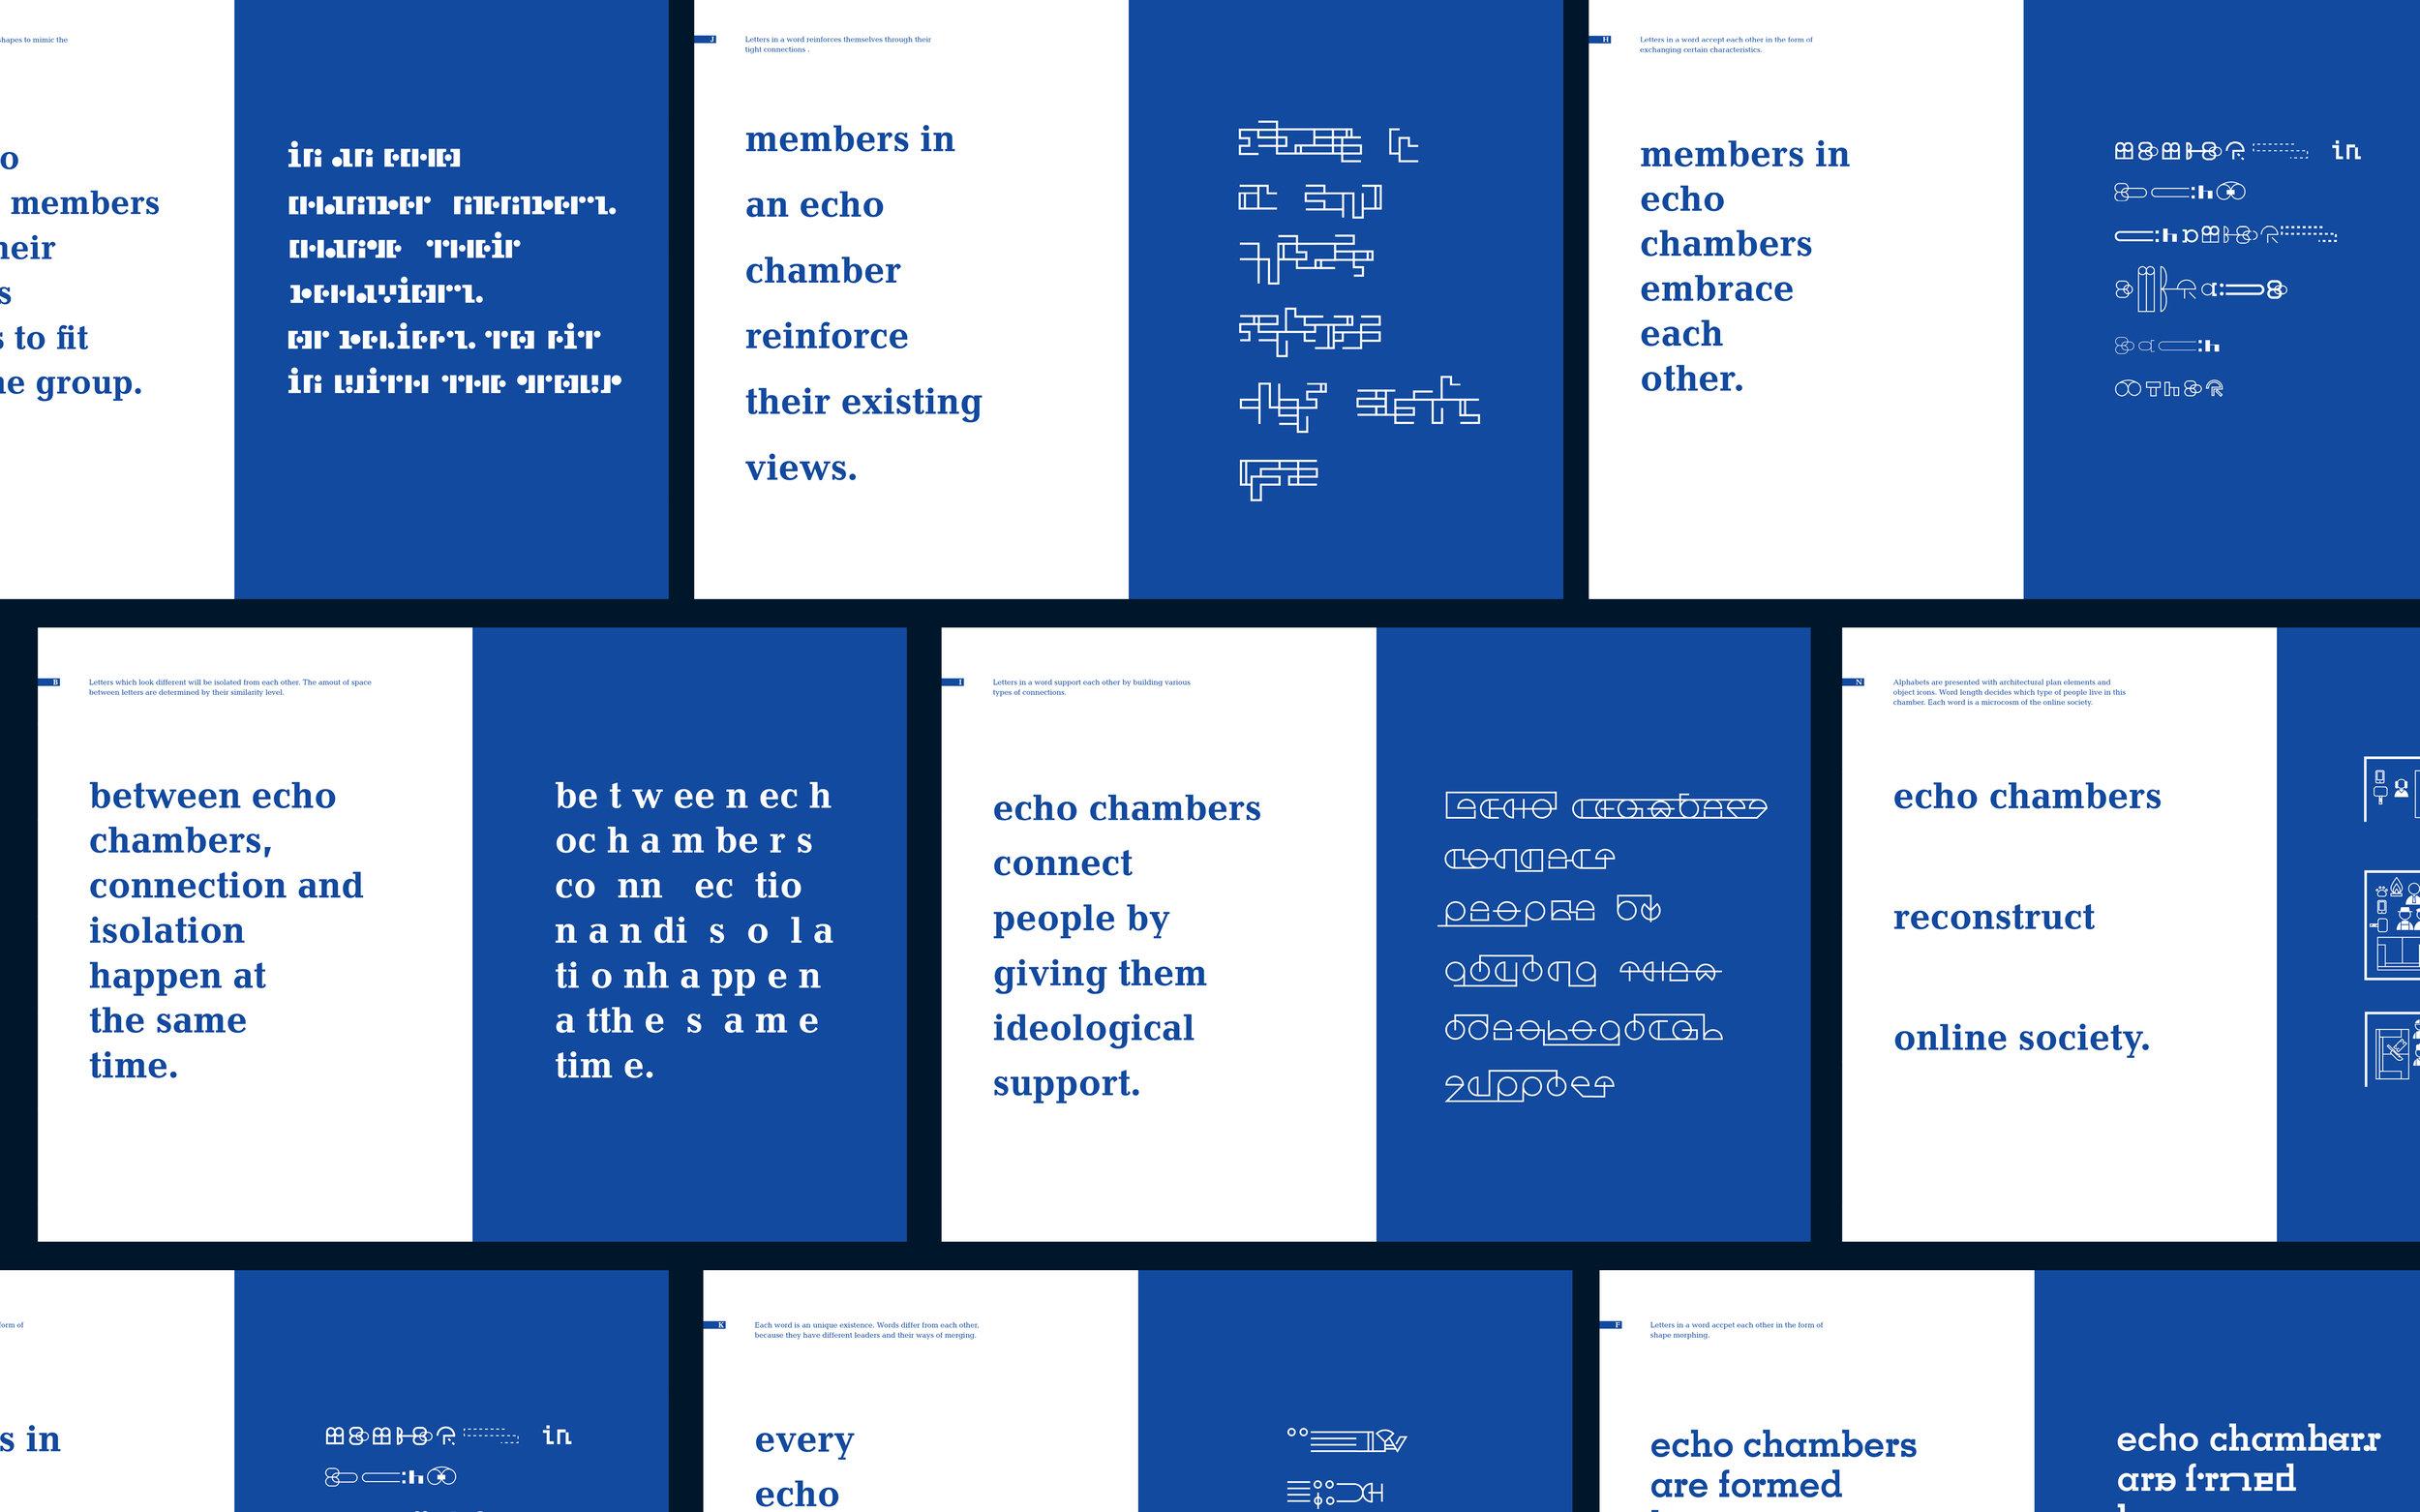 echochamber_header image.jpg